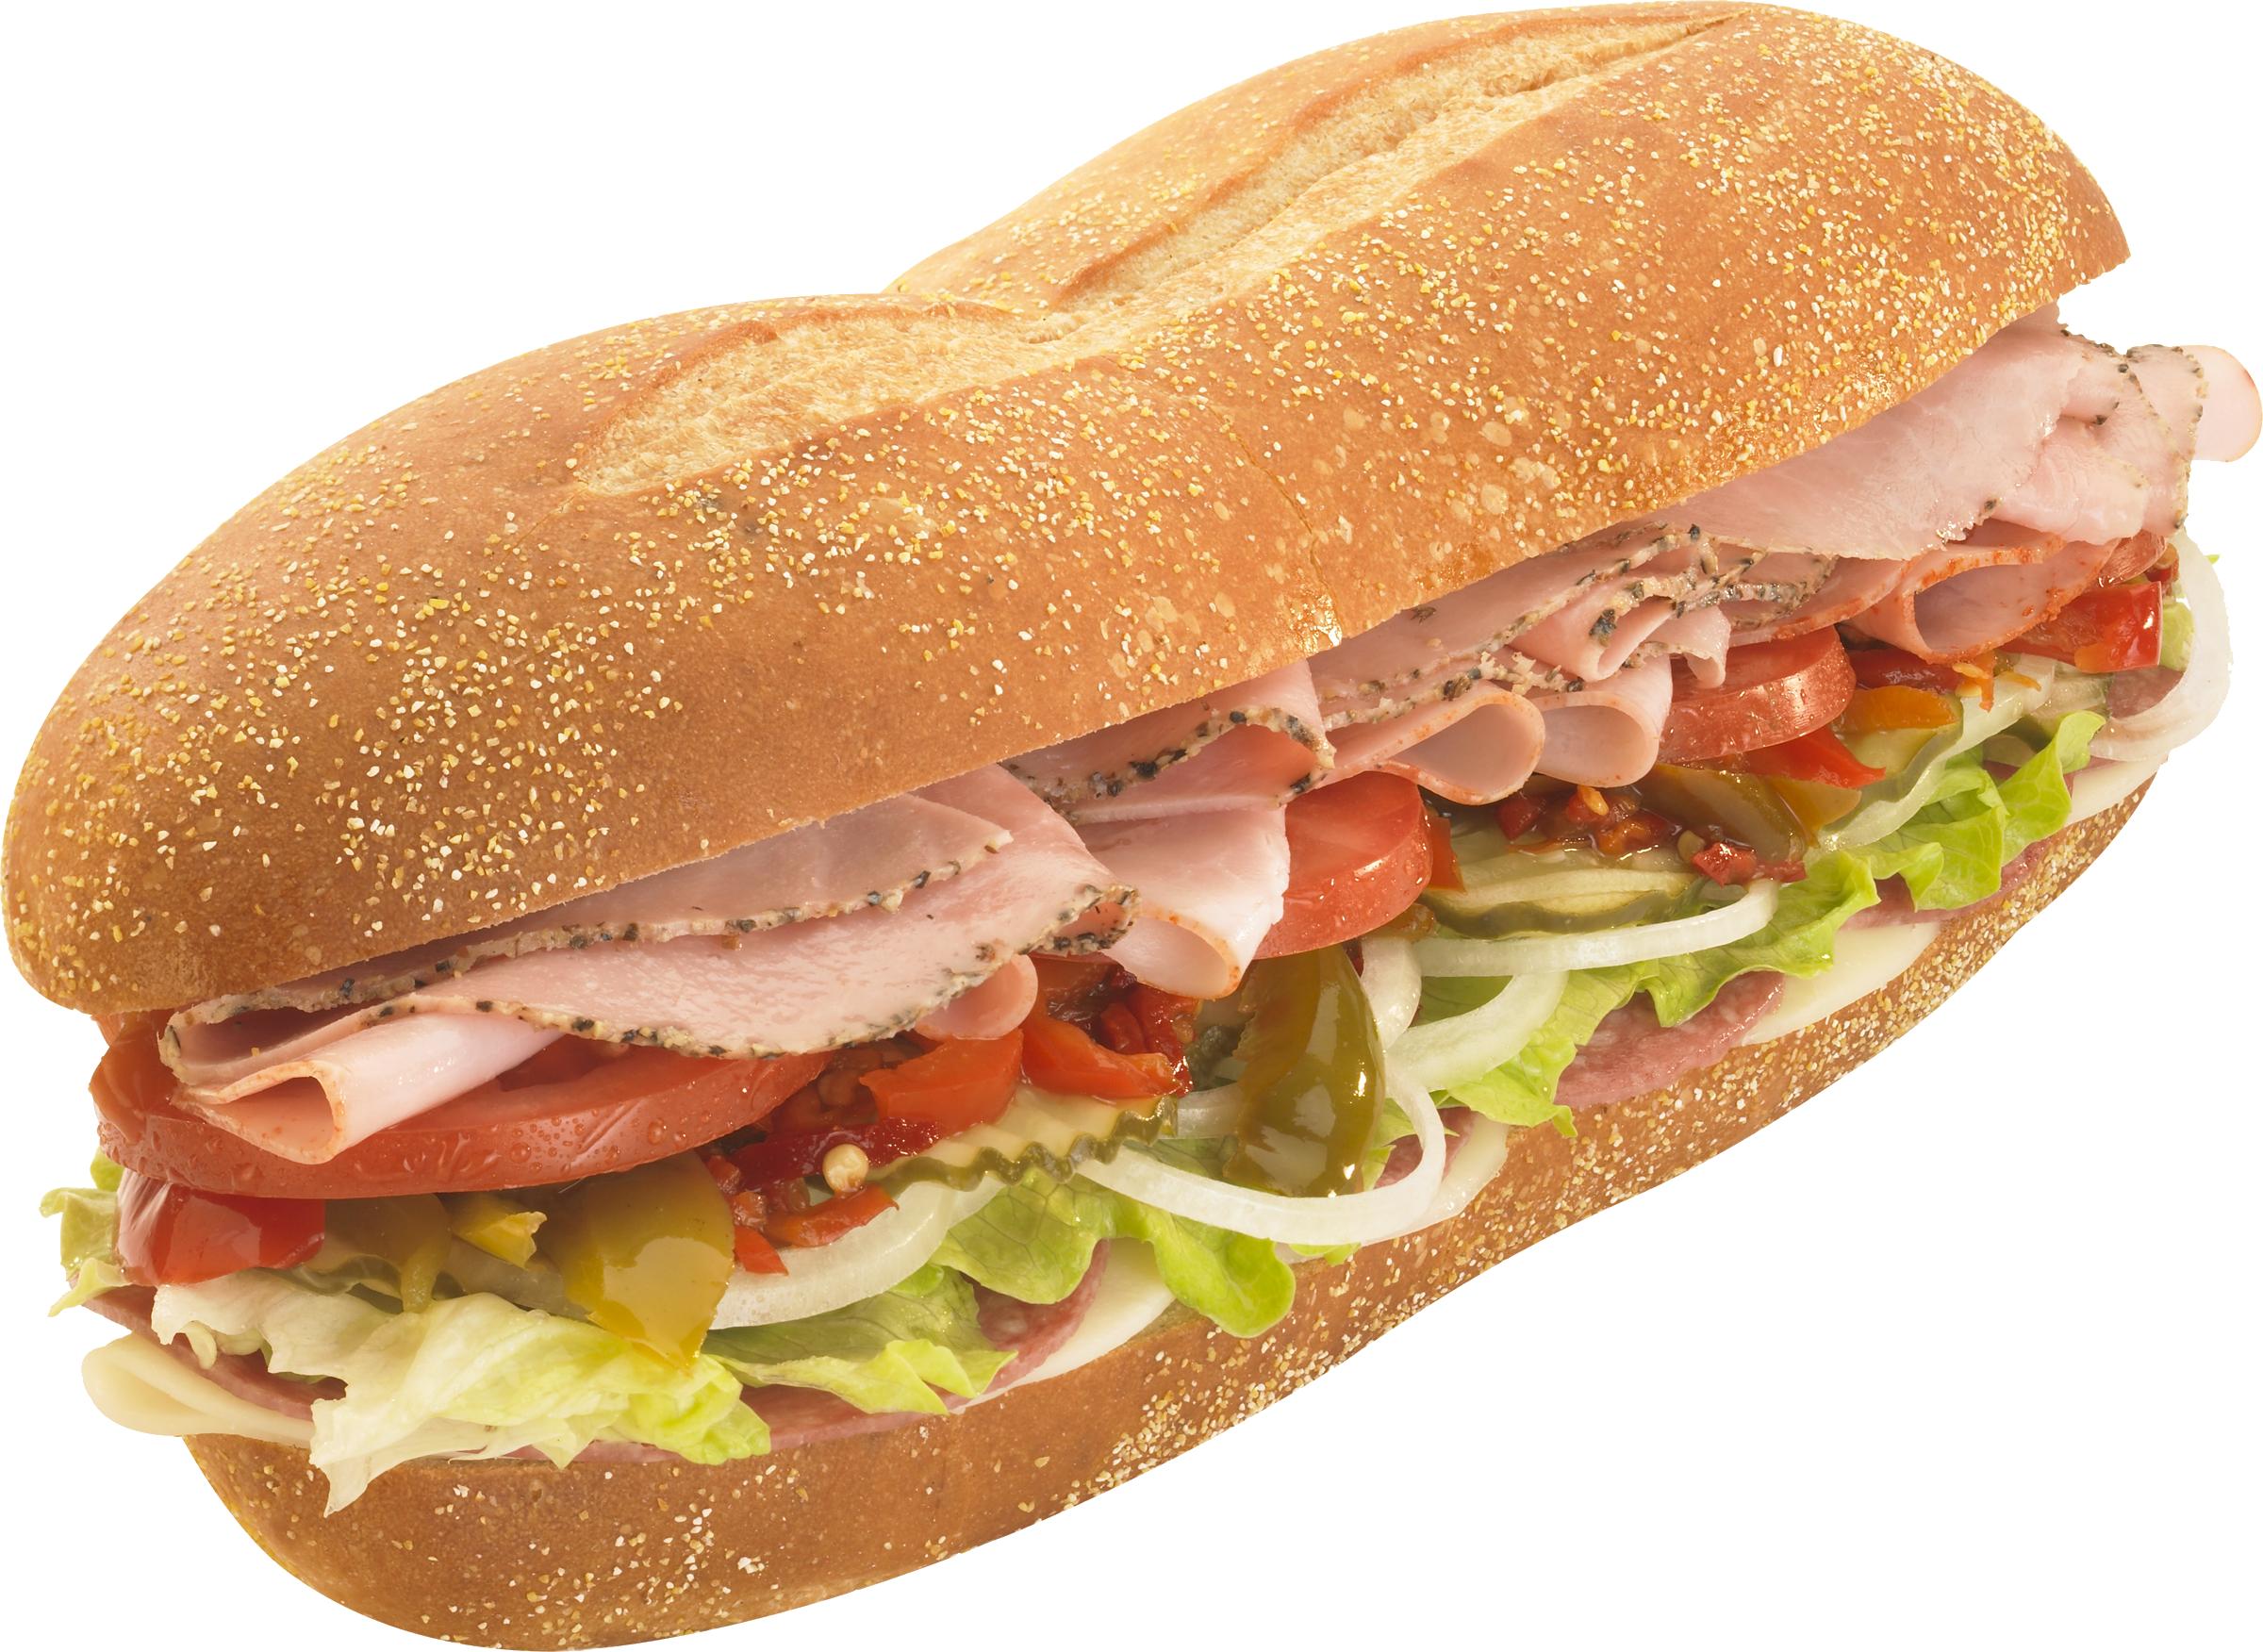 Sandwich PNG HD - 146357